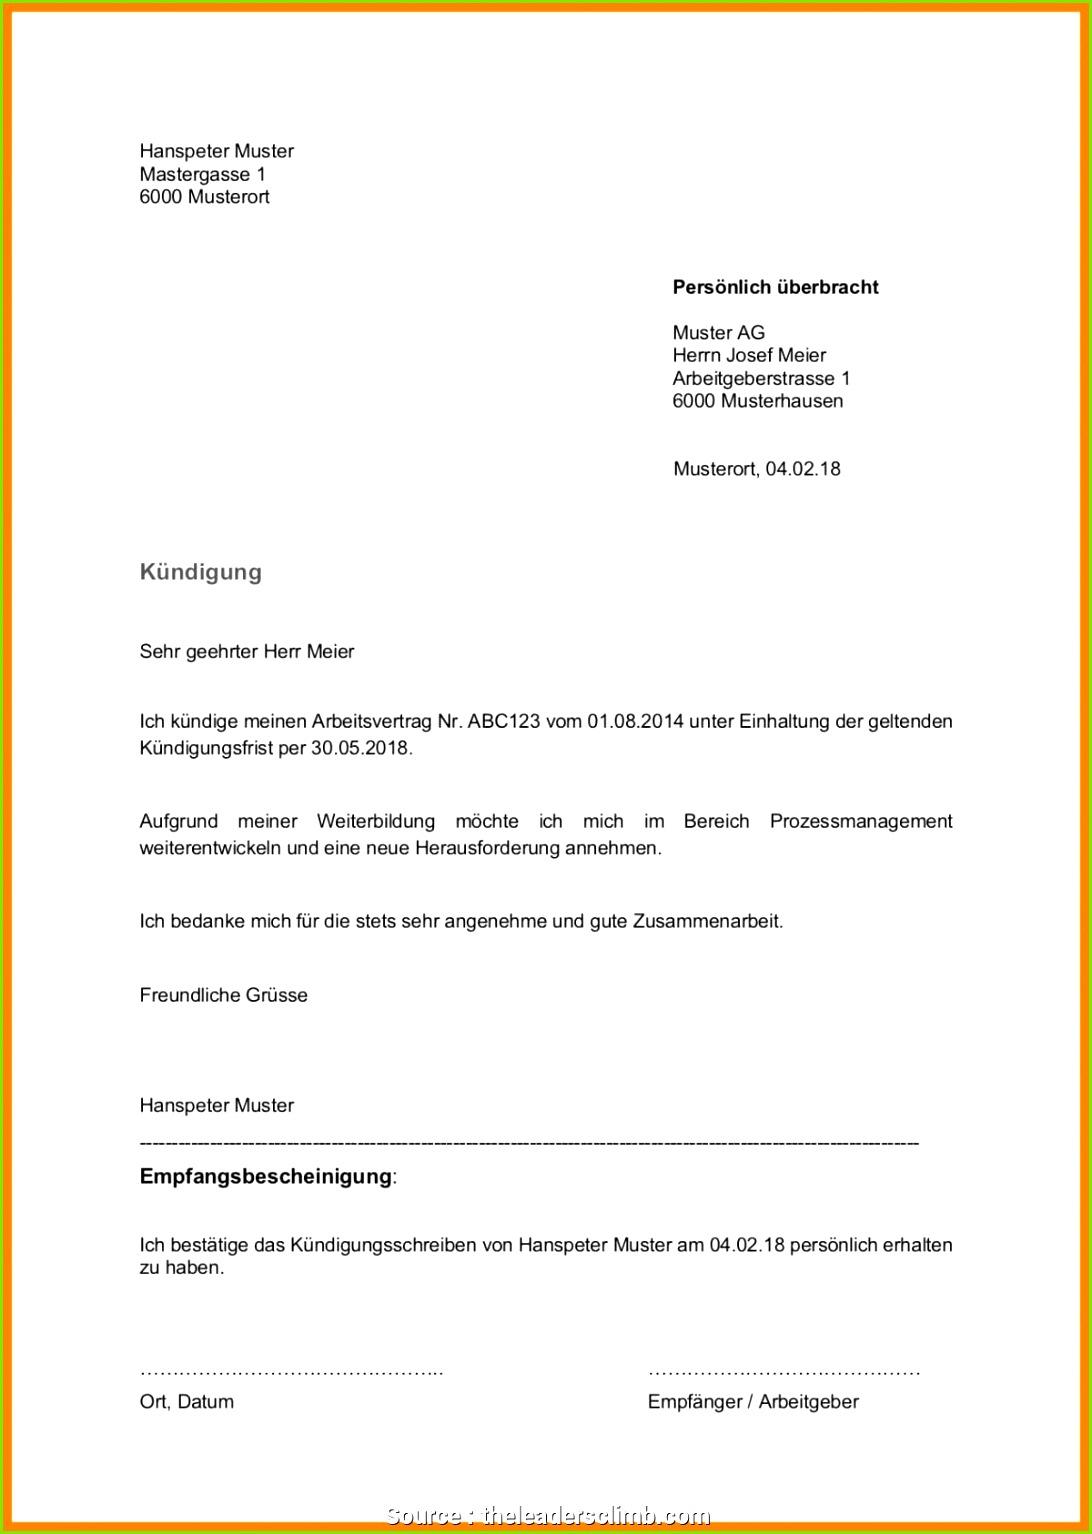 Neueste Fristlose Kündigungsschreiben Arbeitgeber Vorlage